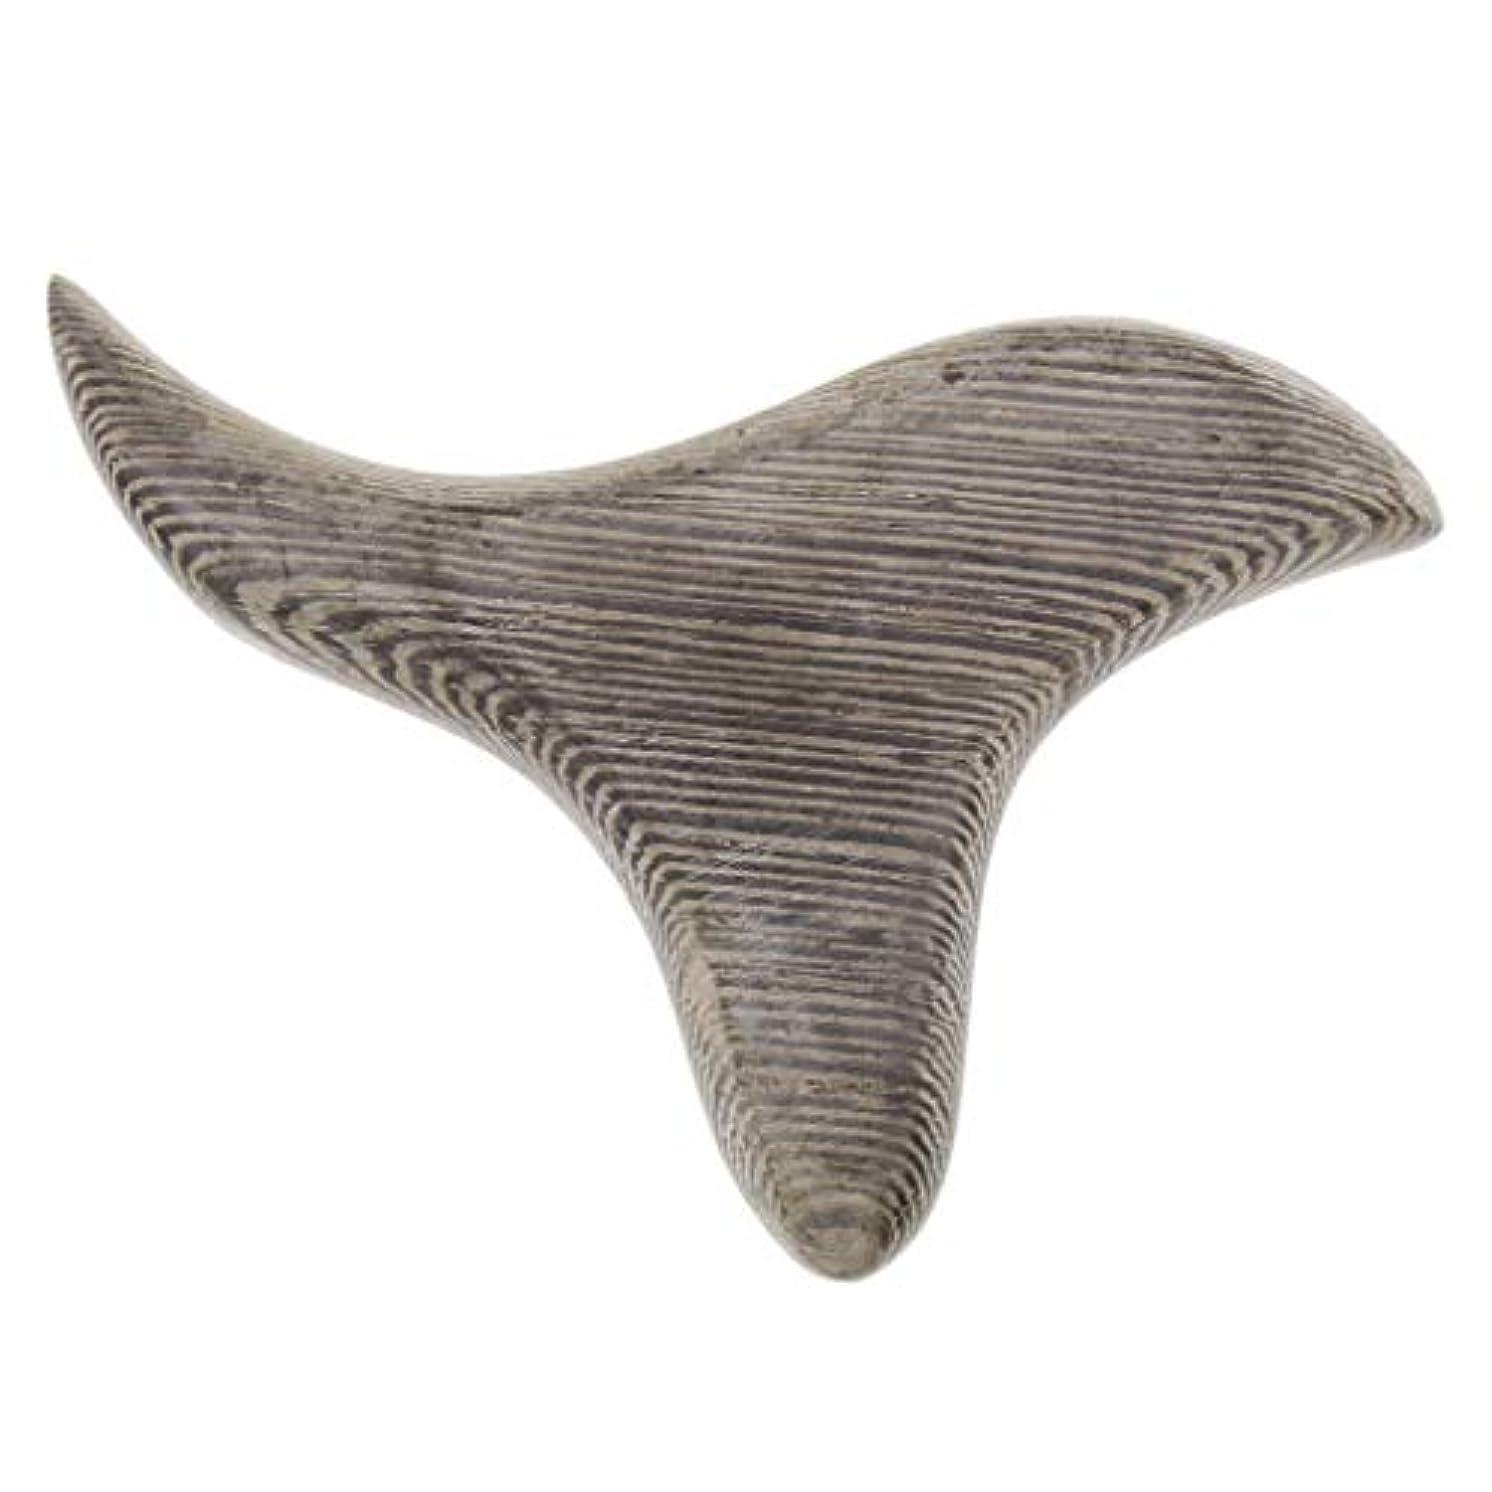 荷物エアコン体現するFLAMEER 三角形 マッサージボード 掻き板 木製